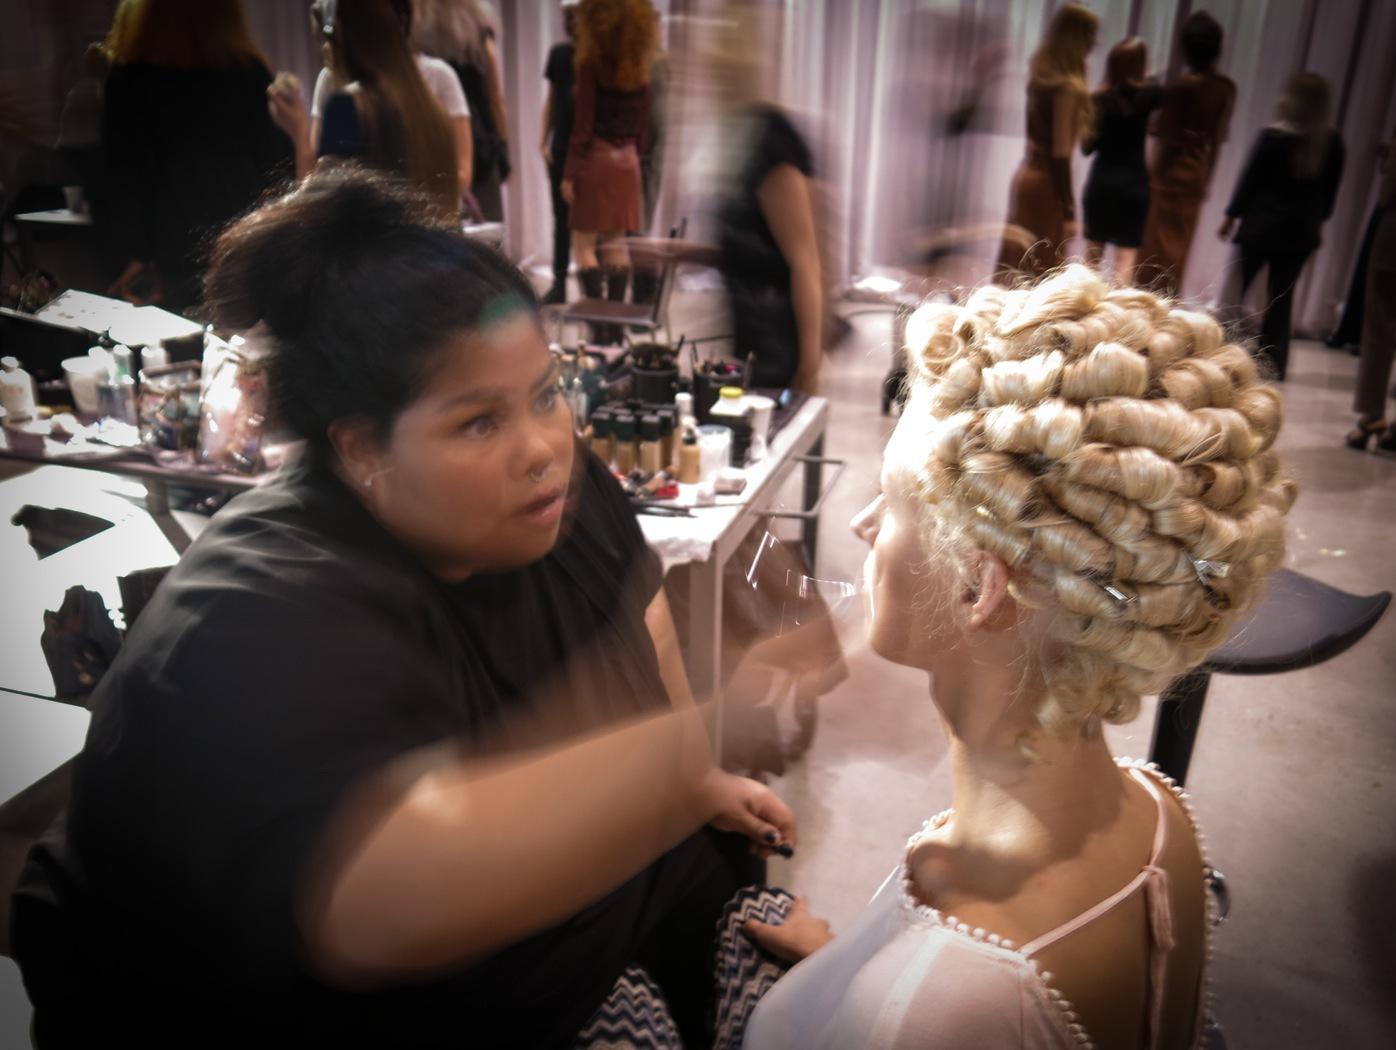 Brådis för makeupartisterna innan showen sätter igång